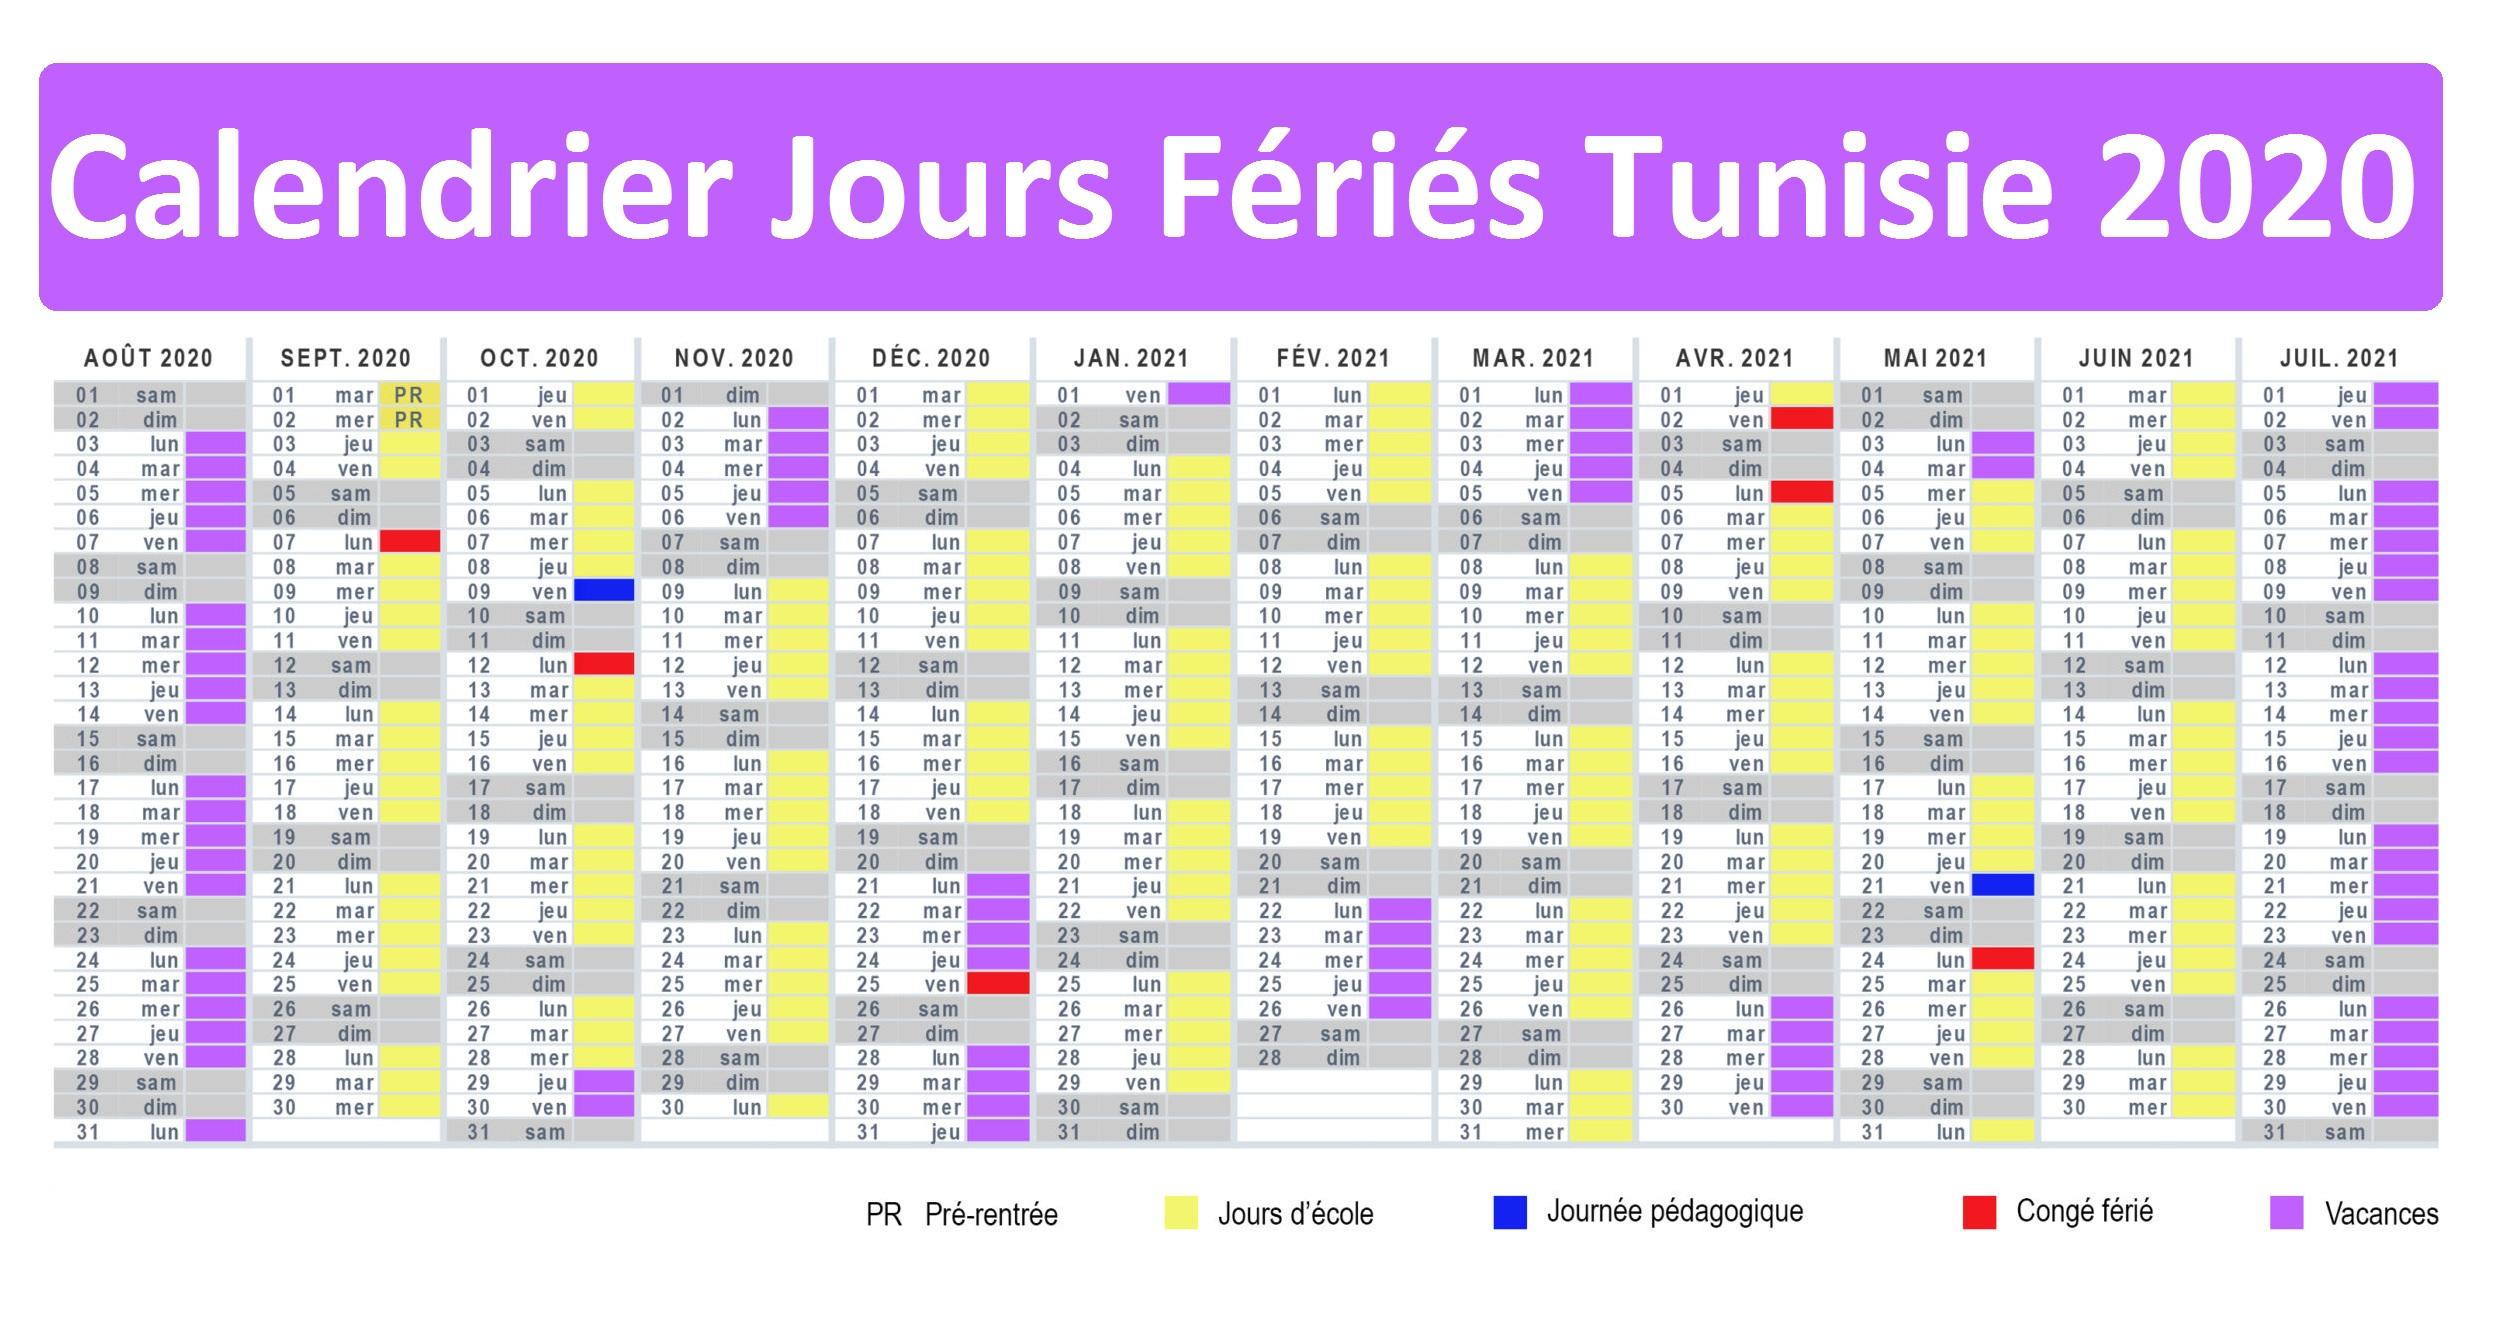 Jours Fériés Tunisie 2020 Excel